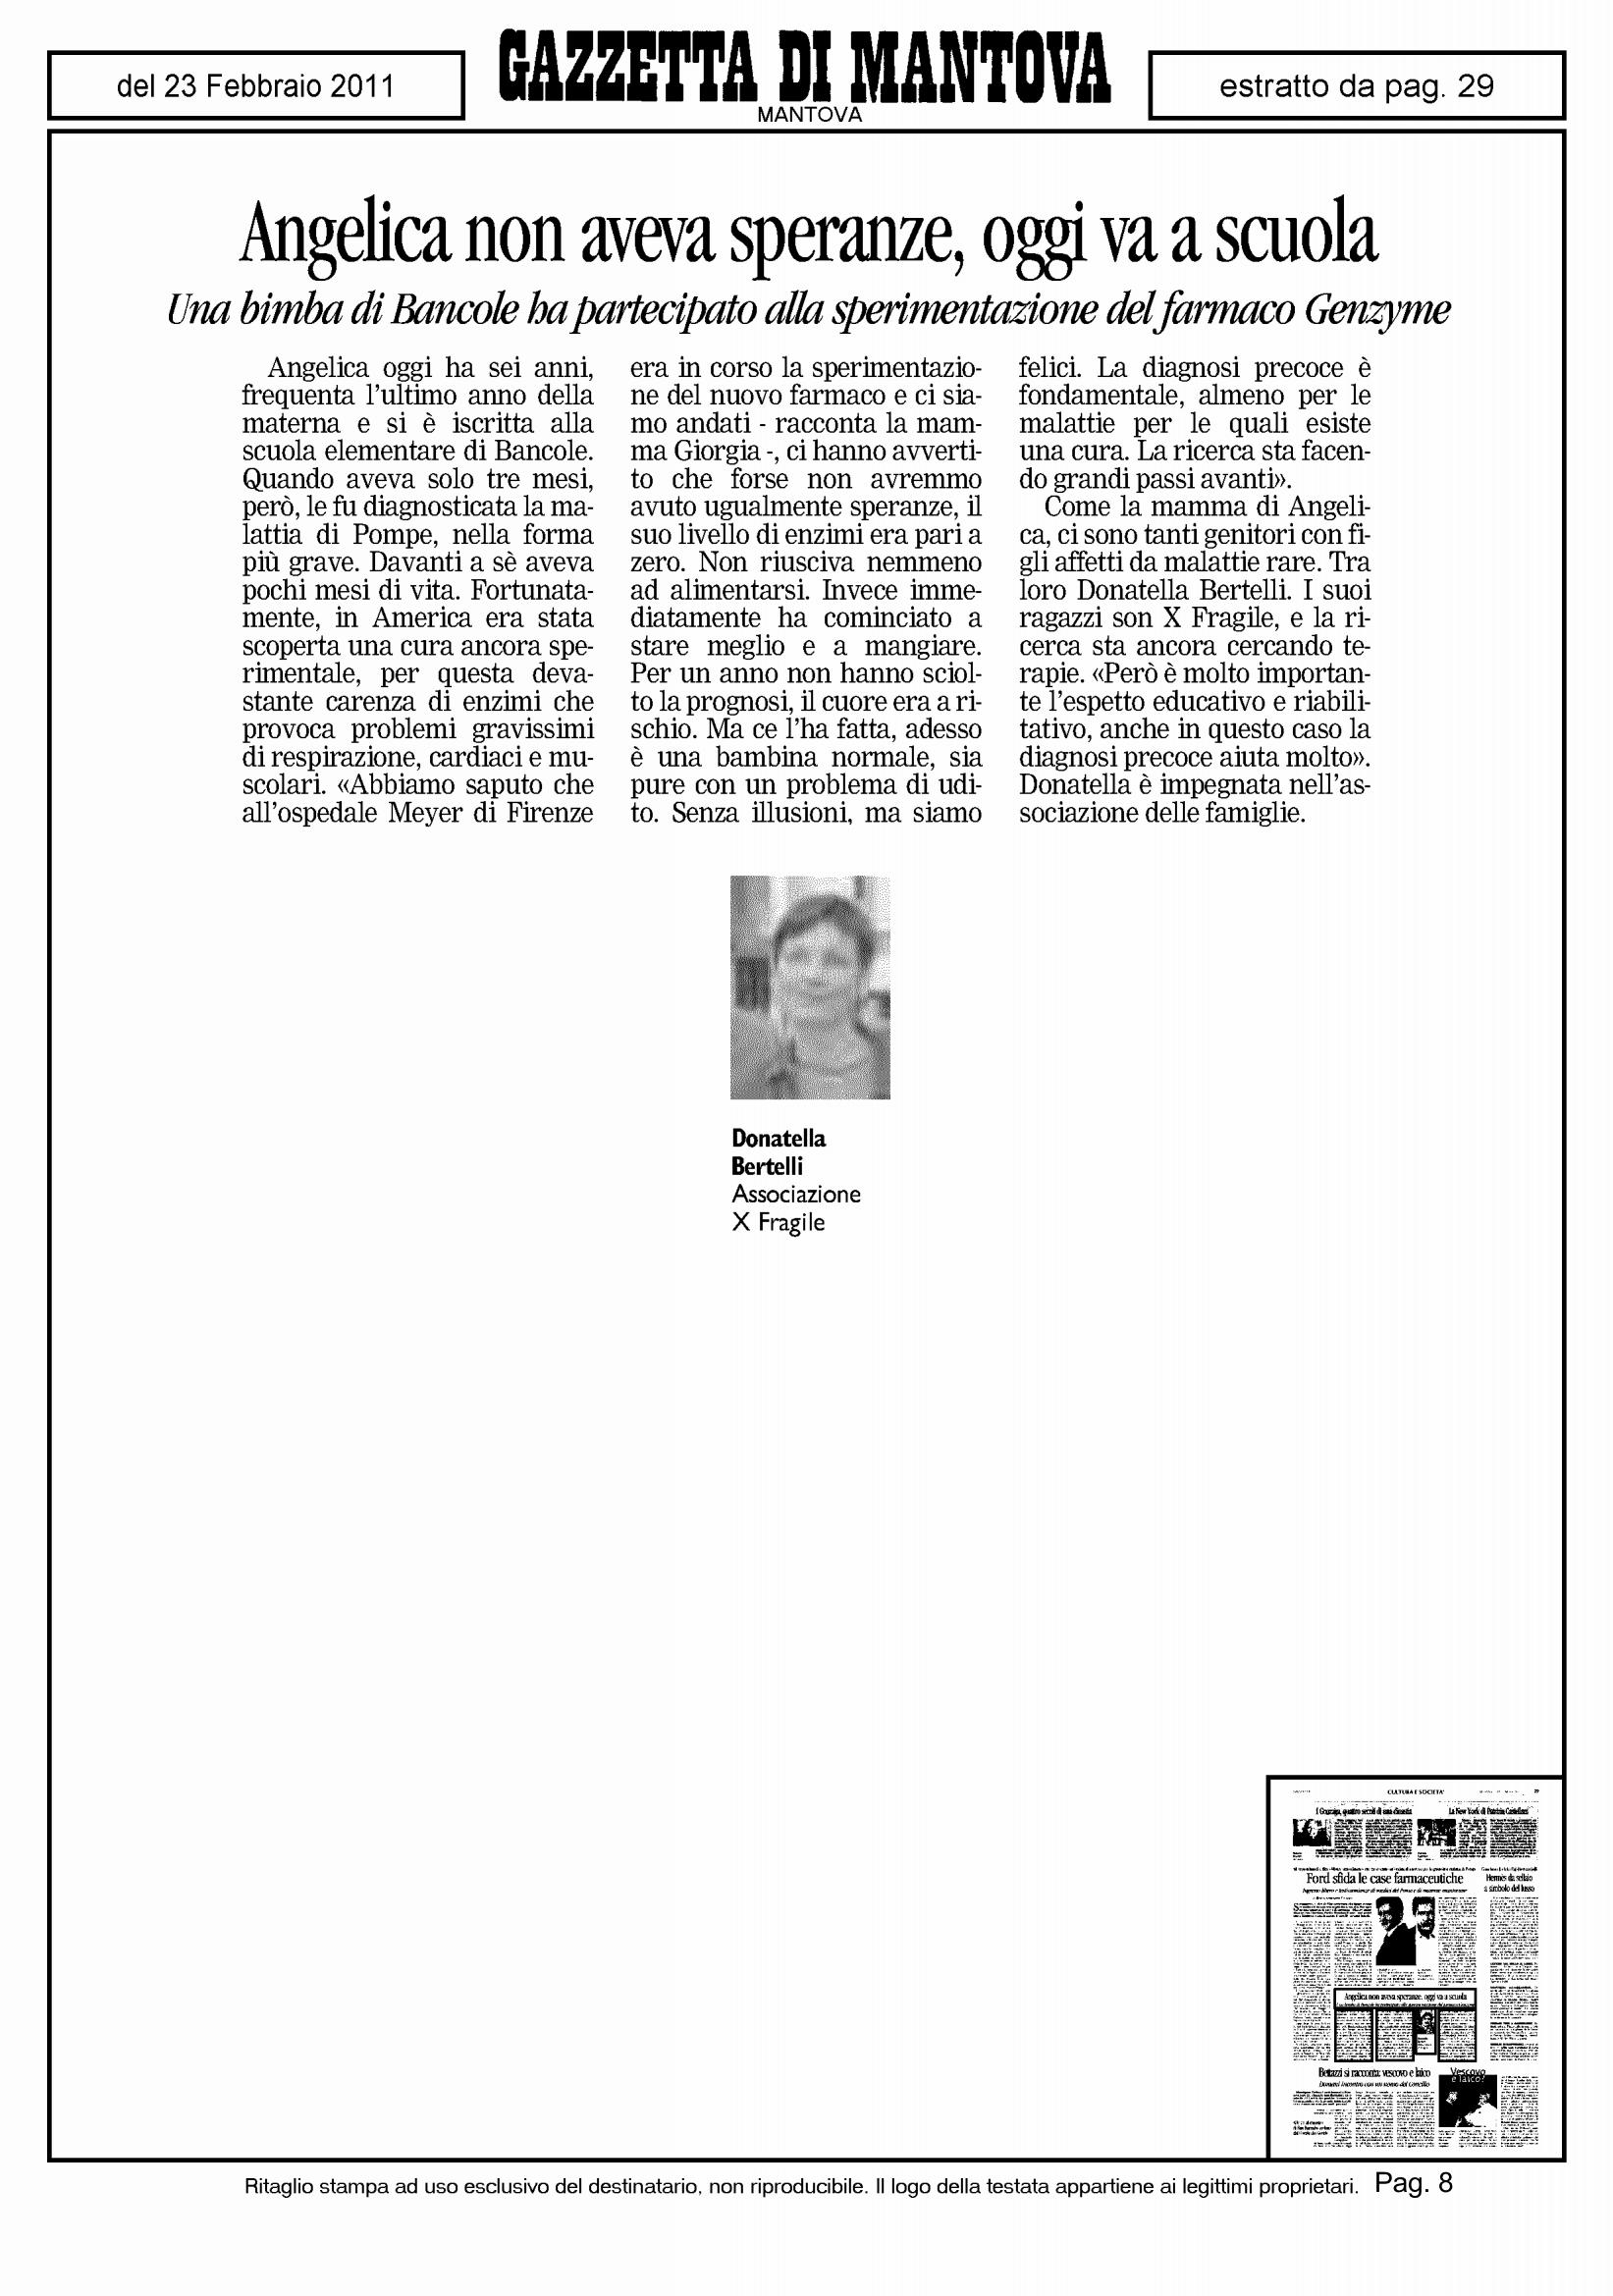 Stampa_20110223_Gazzetta_di_Mantova_Page_3